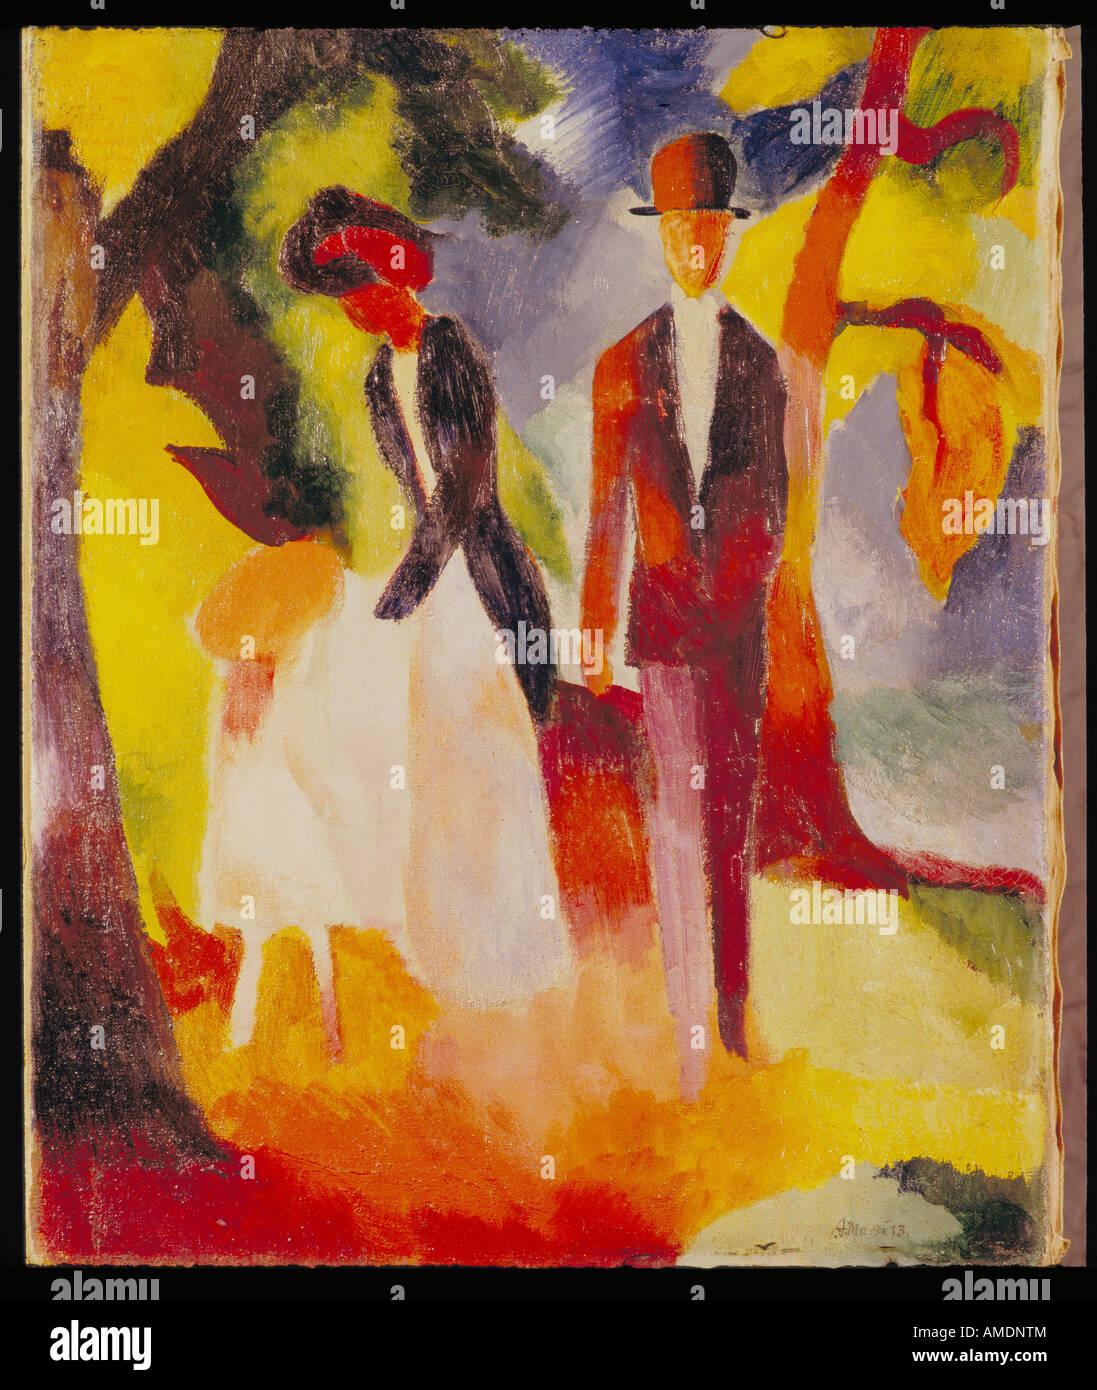 """Bildende Kunst, Macke, August, (3.1.1887 - 26.9.1914), Malerei, """"Leute am blauen Siehe', 'Leute am Blauen See"""", Stockfoto"""